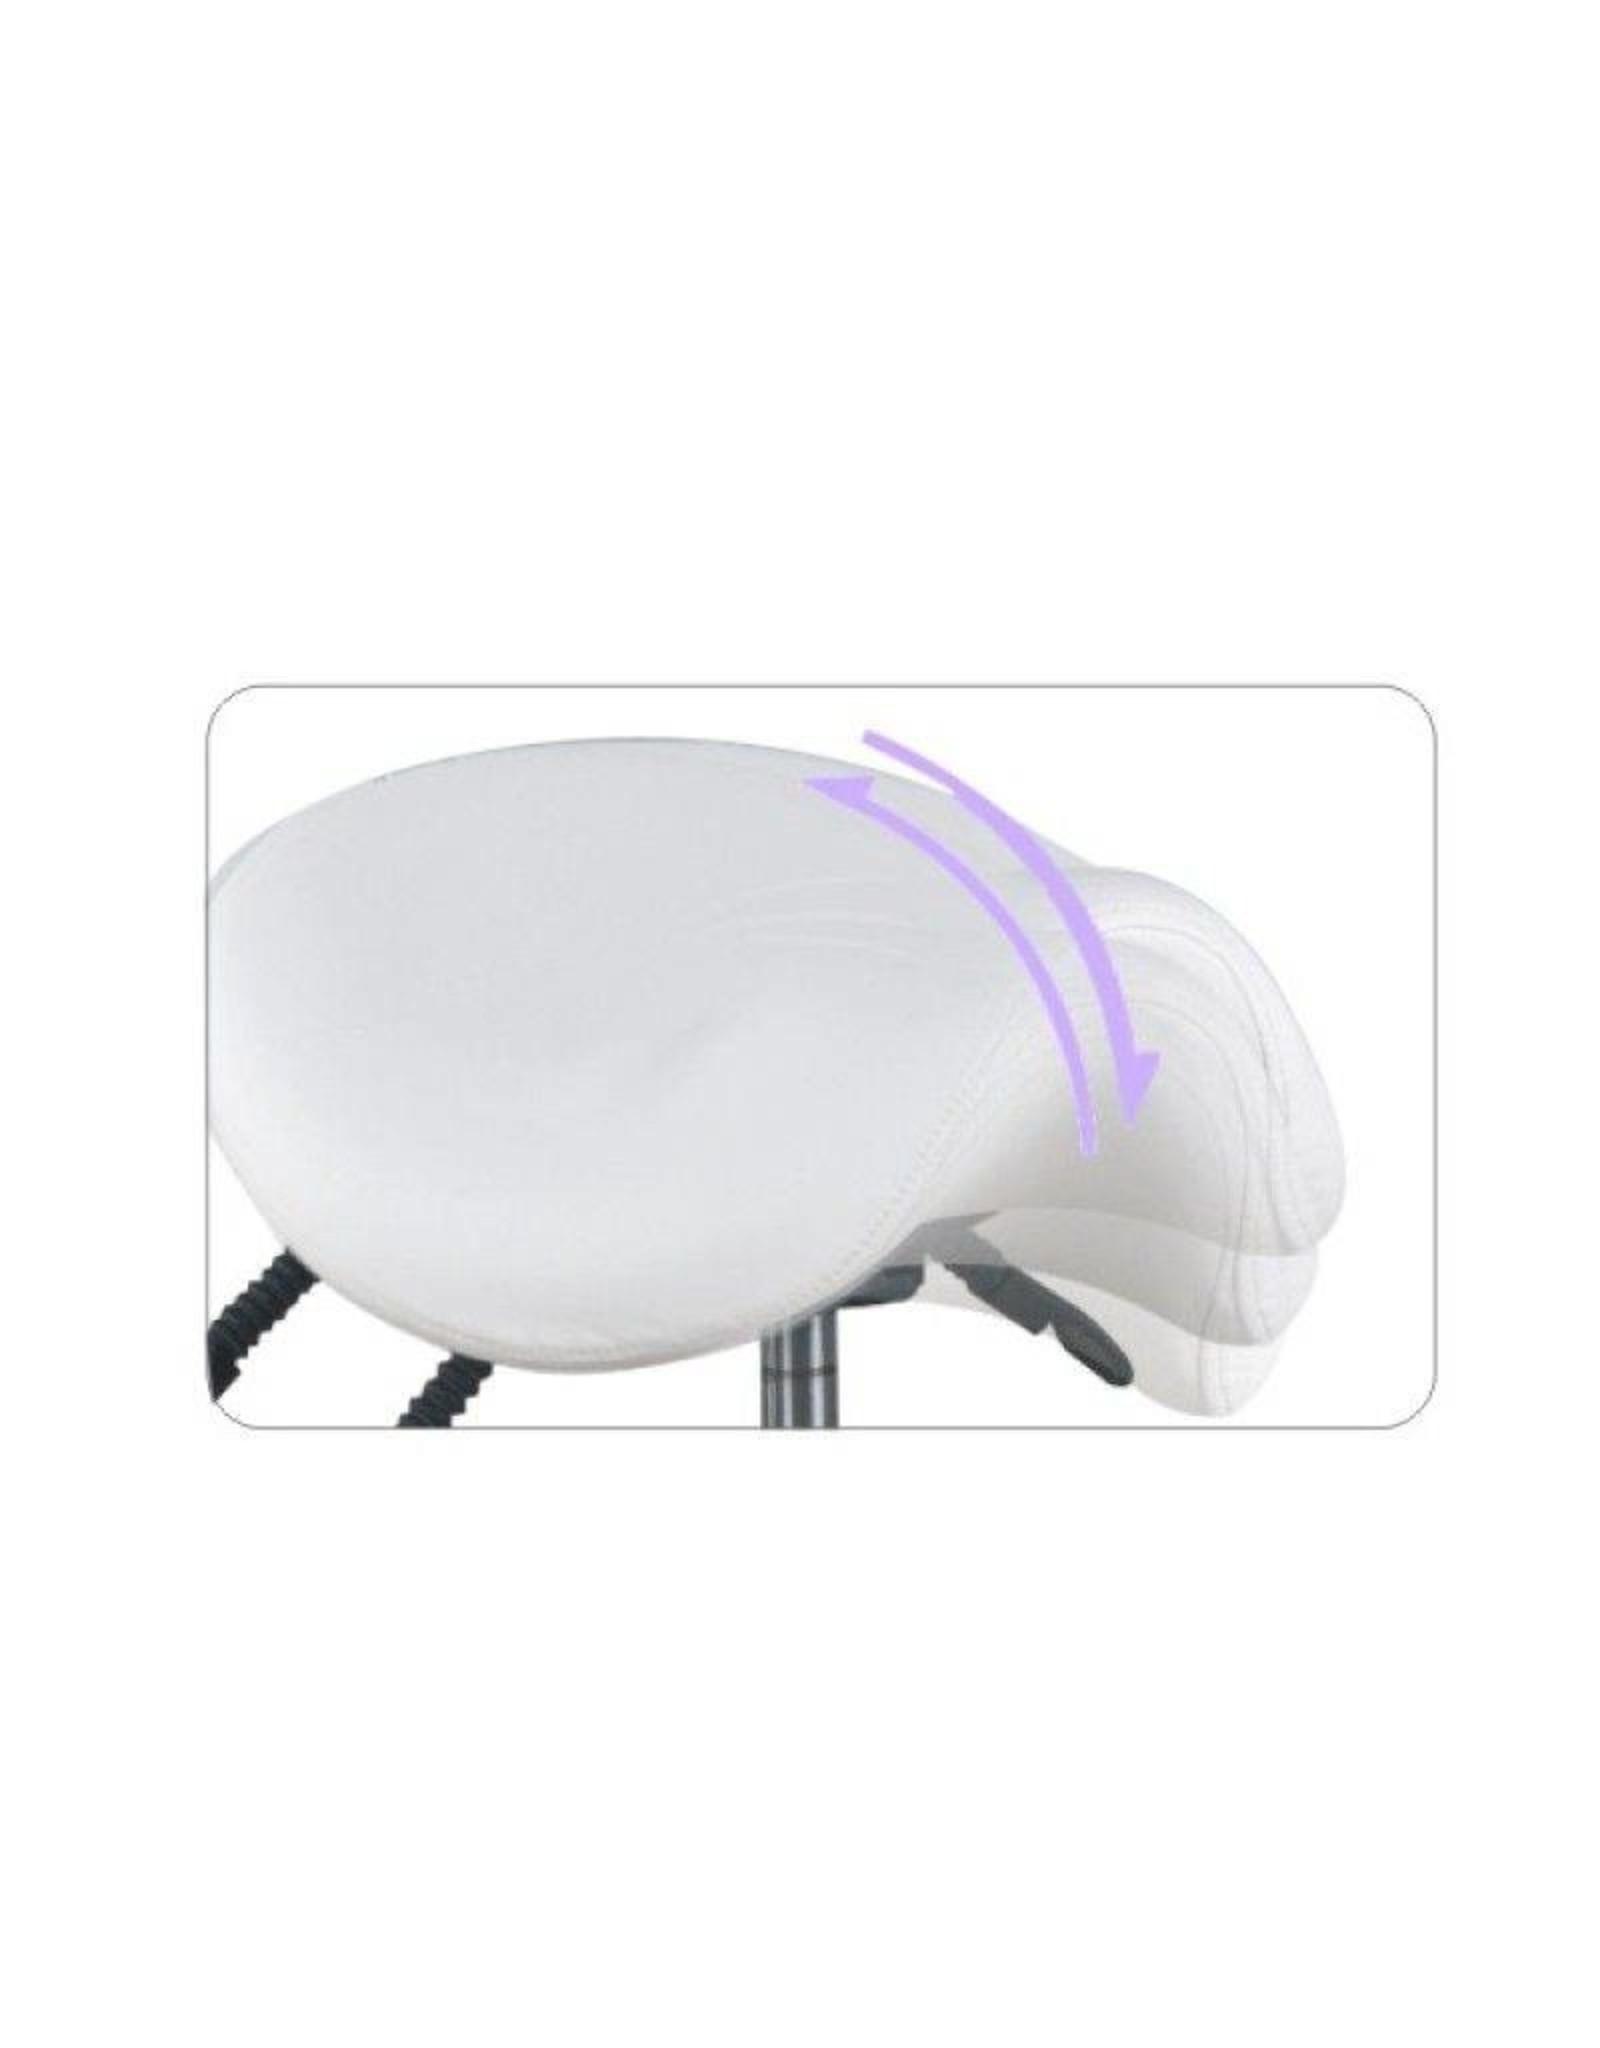 Merkloos Luxe zadelkruk met rugleuning en Bump-Up systeem - Wit